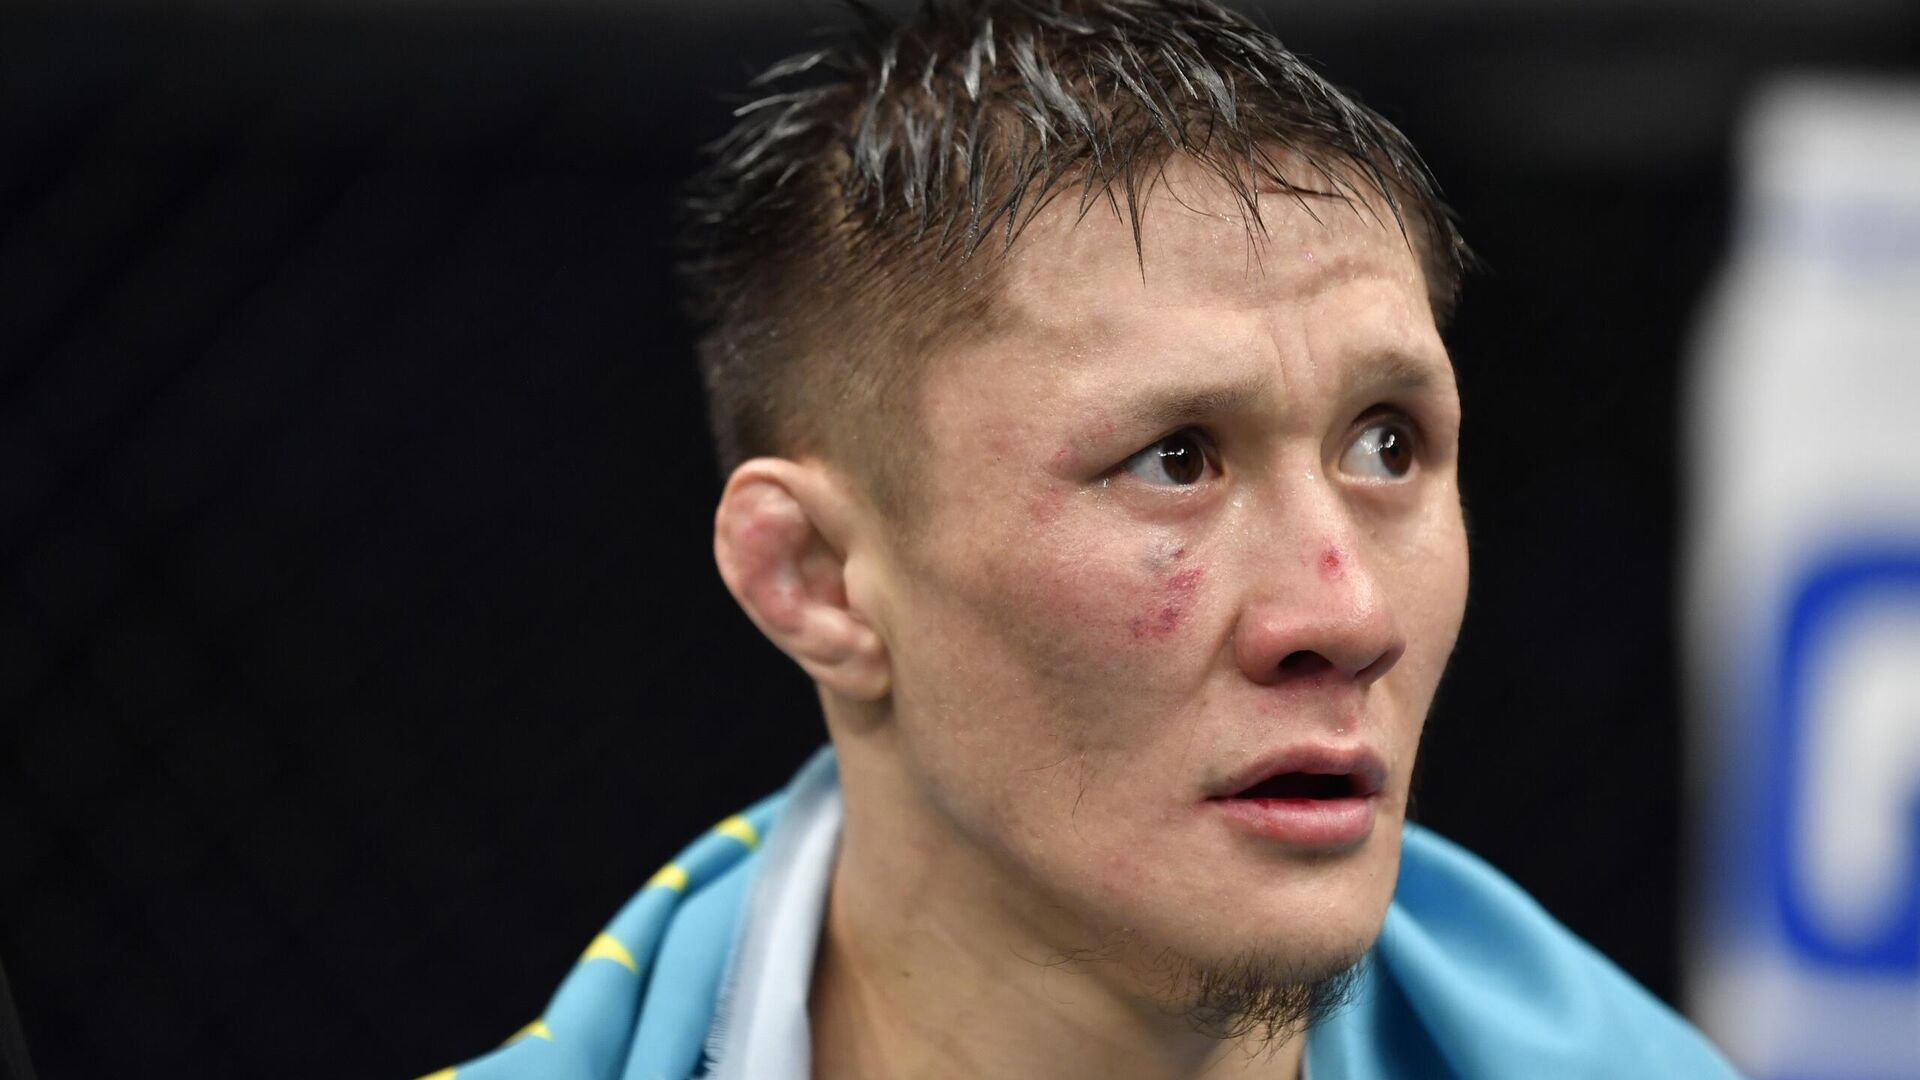 Казахстанский боец MMA Жалгас Жумагулов - РИА Новости, 1920, 24.01.2021